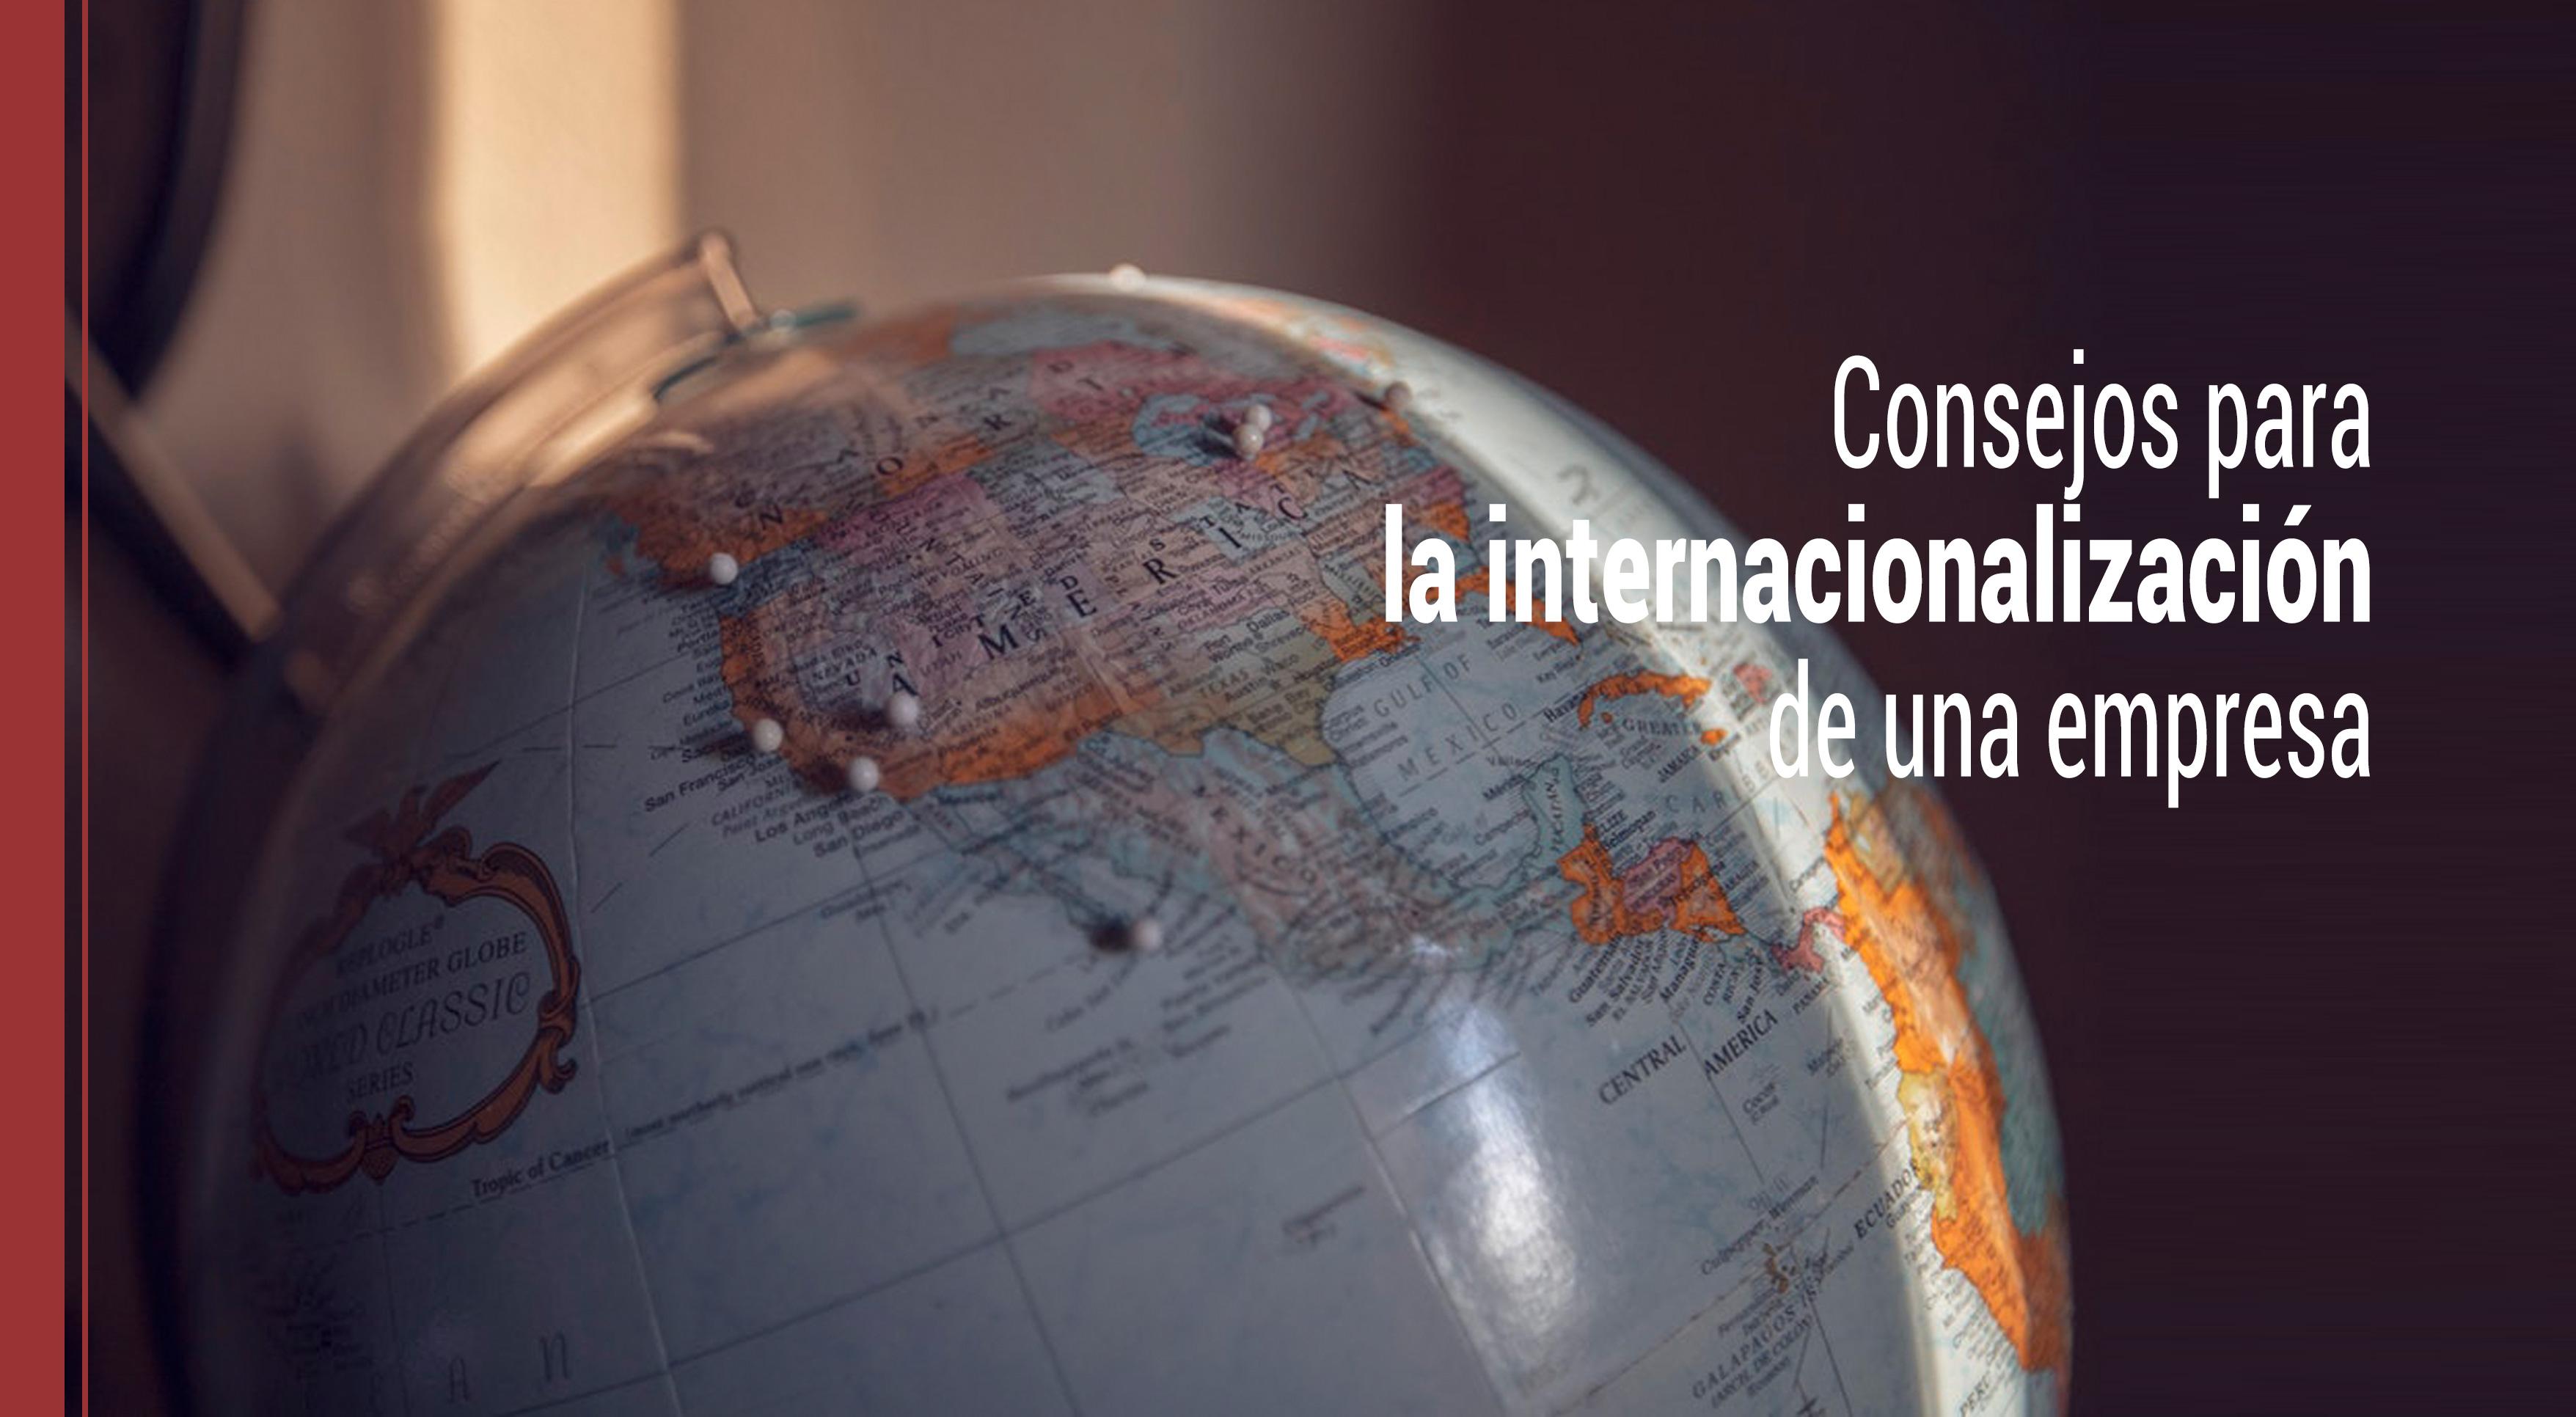 consejos-internacionalizacion-empresa Consejos para la internacionalización de un negocio